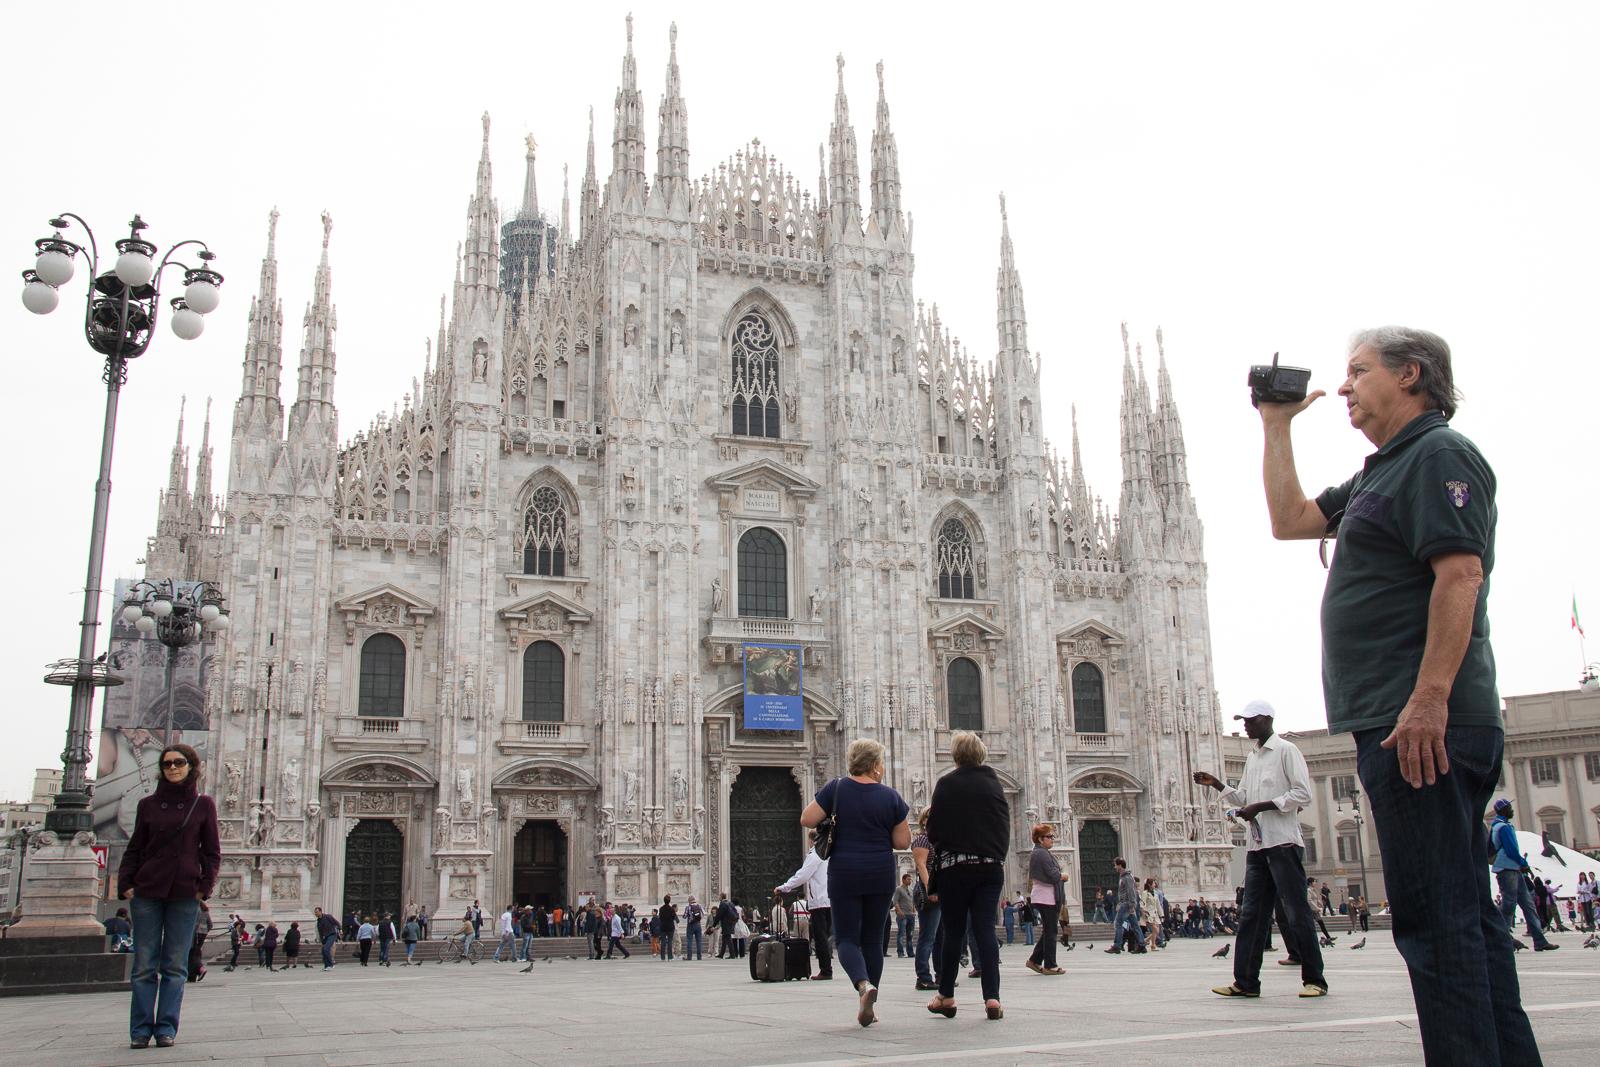 Duomo di Milano (by tourist)